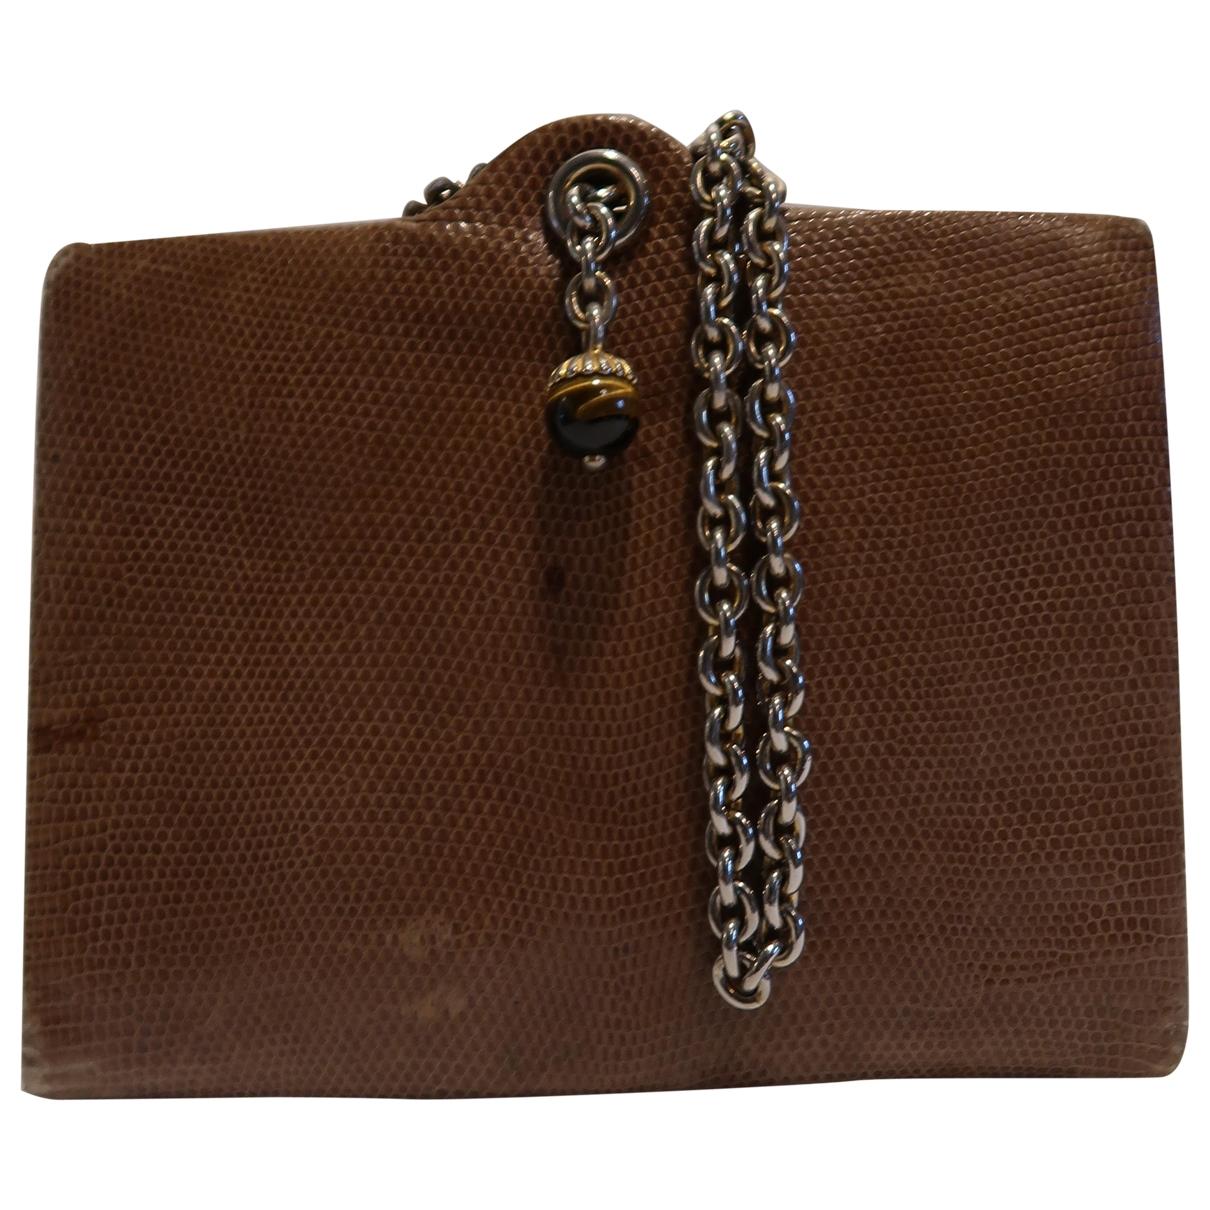 Gucci - Sac a main   pour femme en cuir exotique - beige